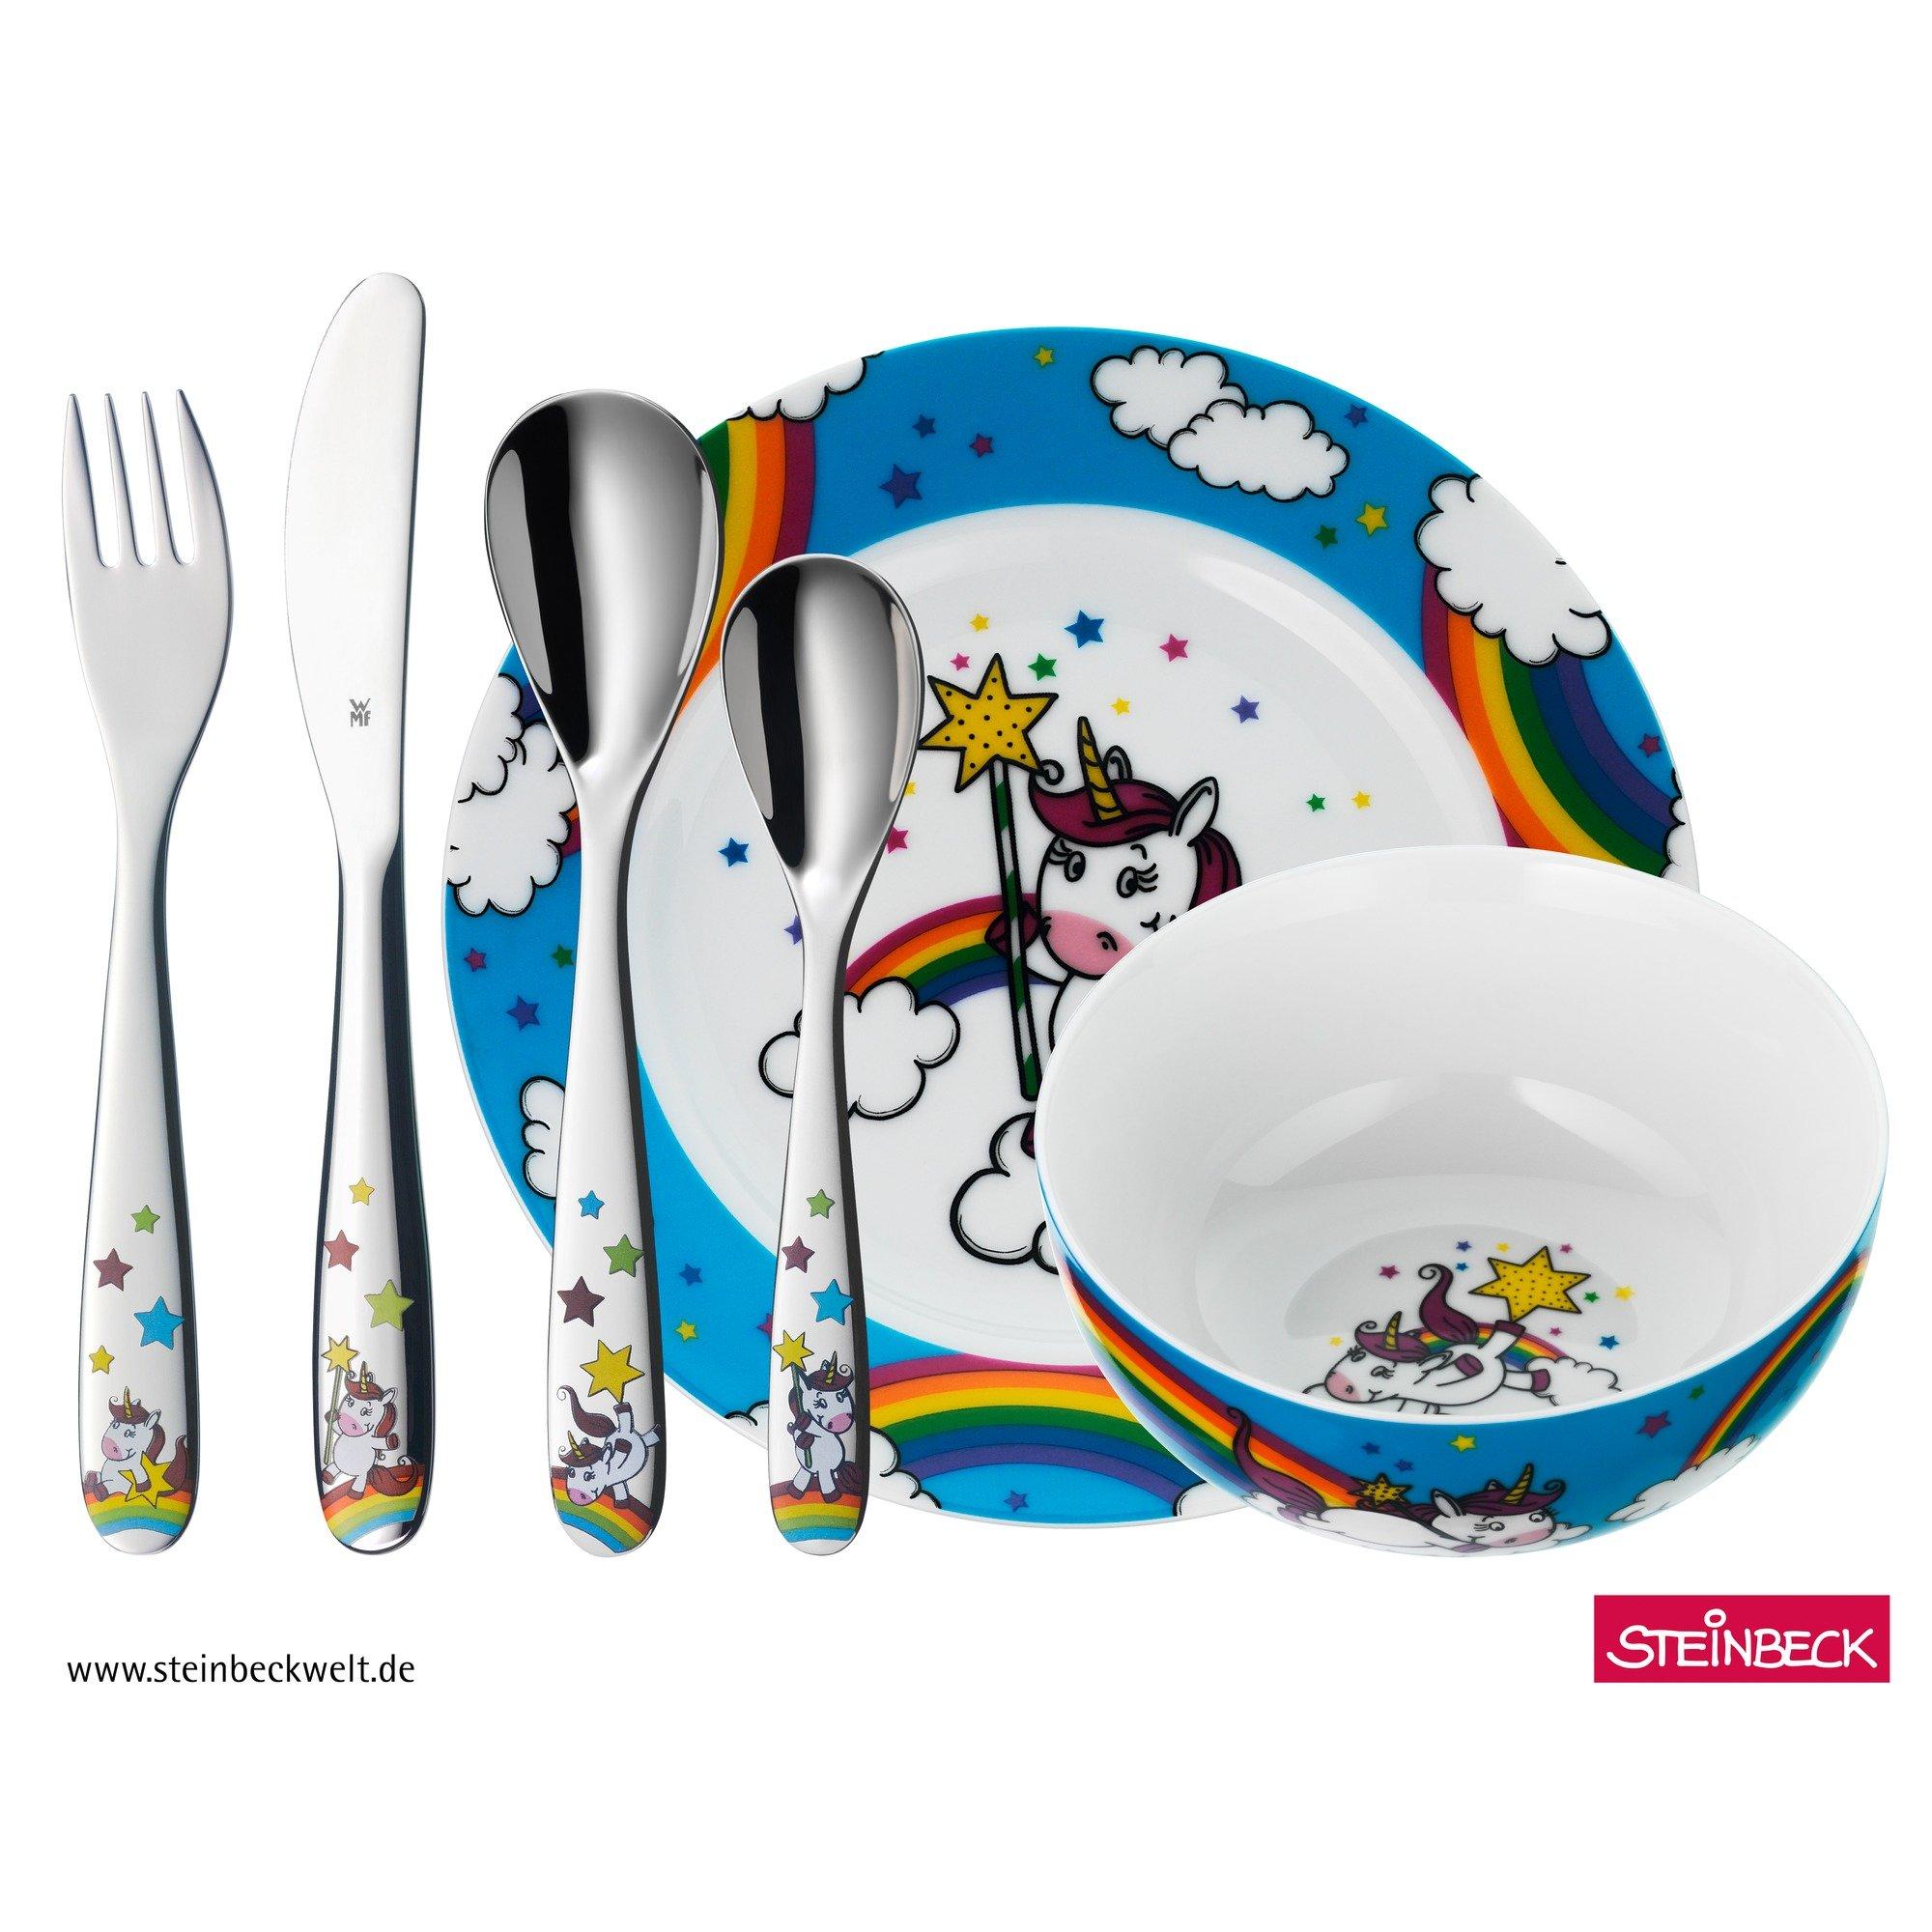 WMF Unicornio - Vajilla para niños 6 piezas, incluye plato, cuenco y cubertería (tenedor, cuchillo de mesa, cuchara y cuchara pequeña) Kids infantil